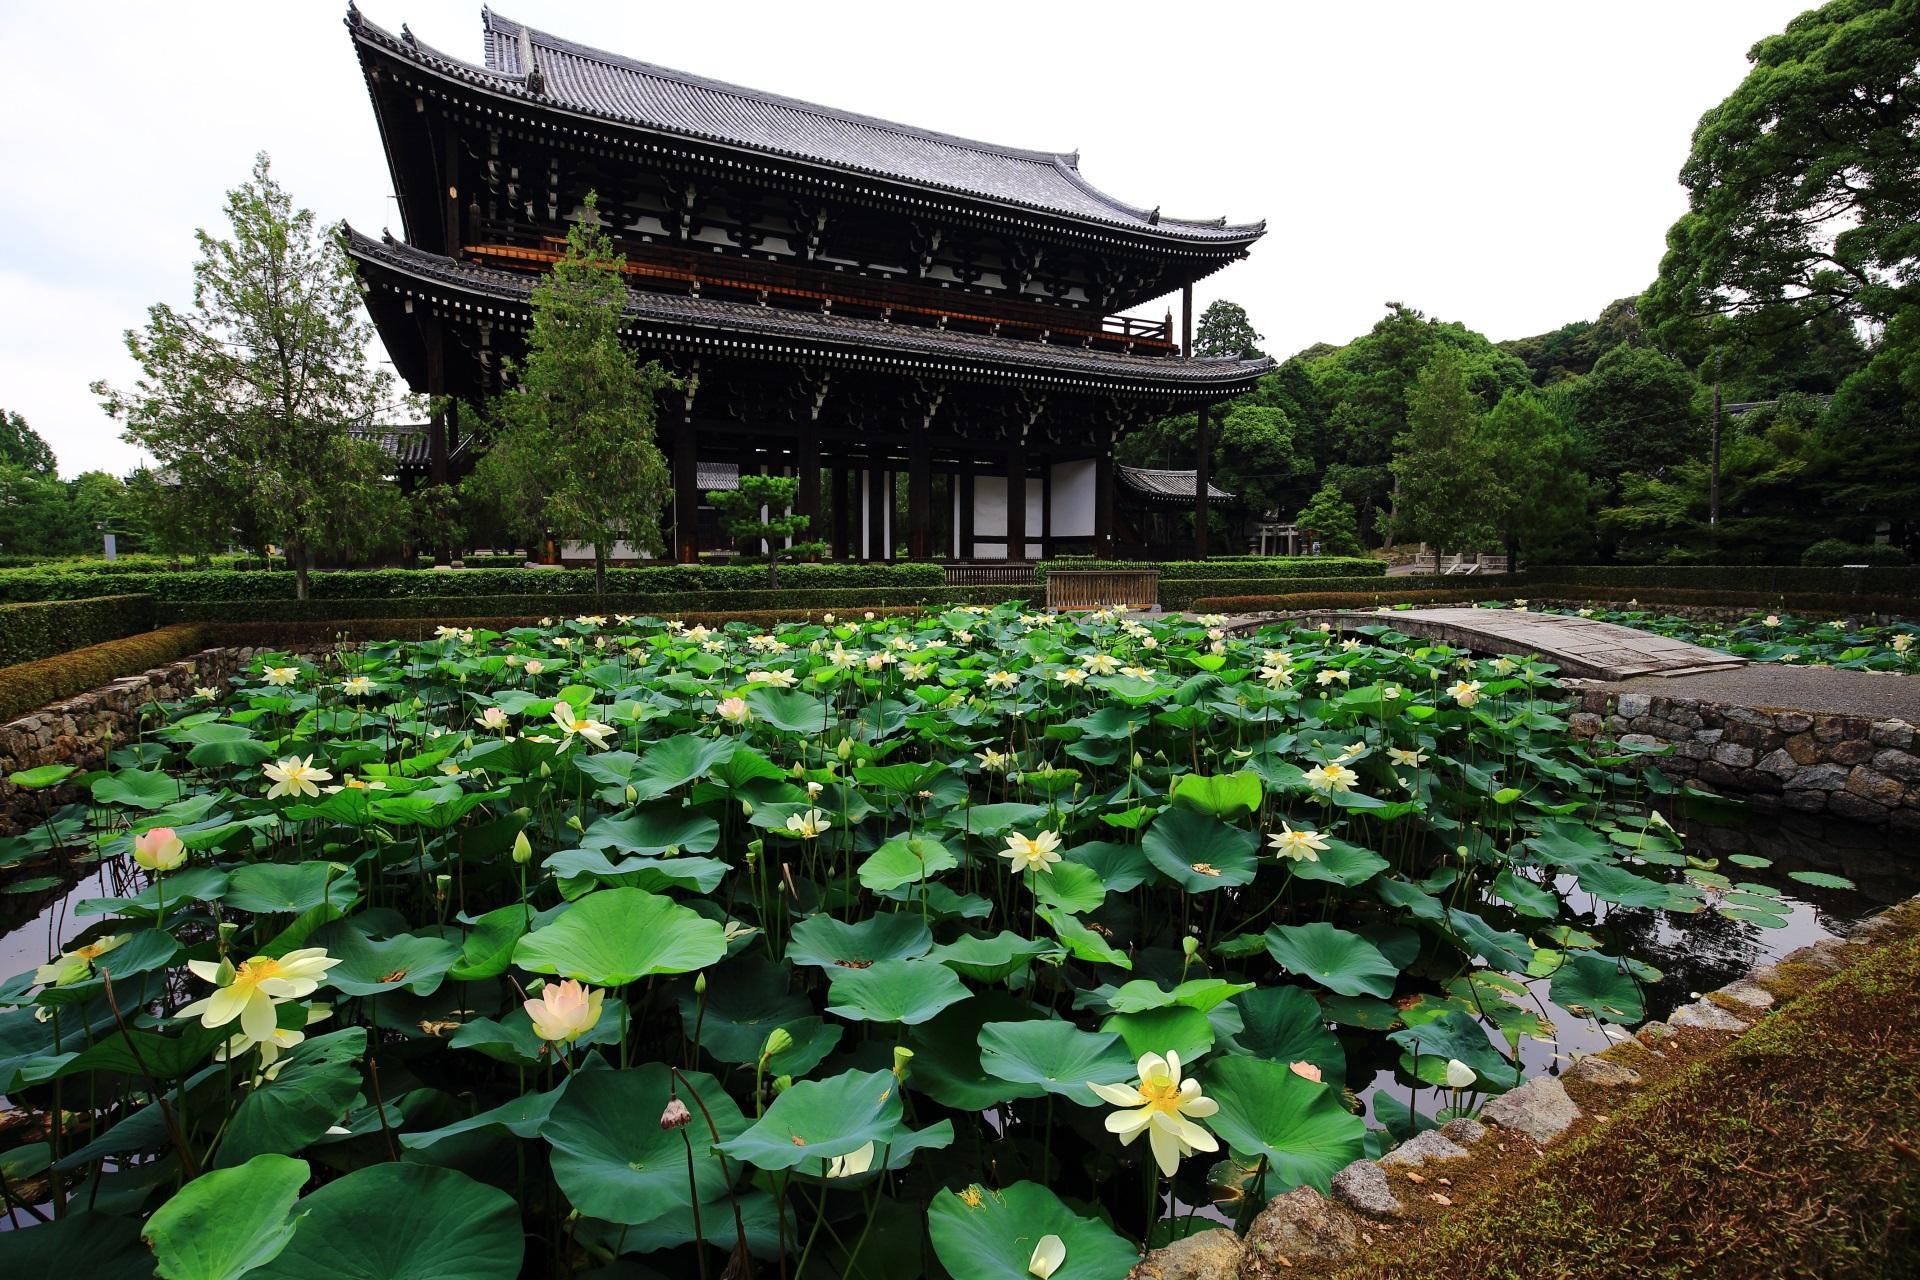 東福寺の素晴らしい蓮の花と夏の情景